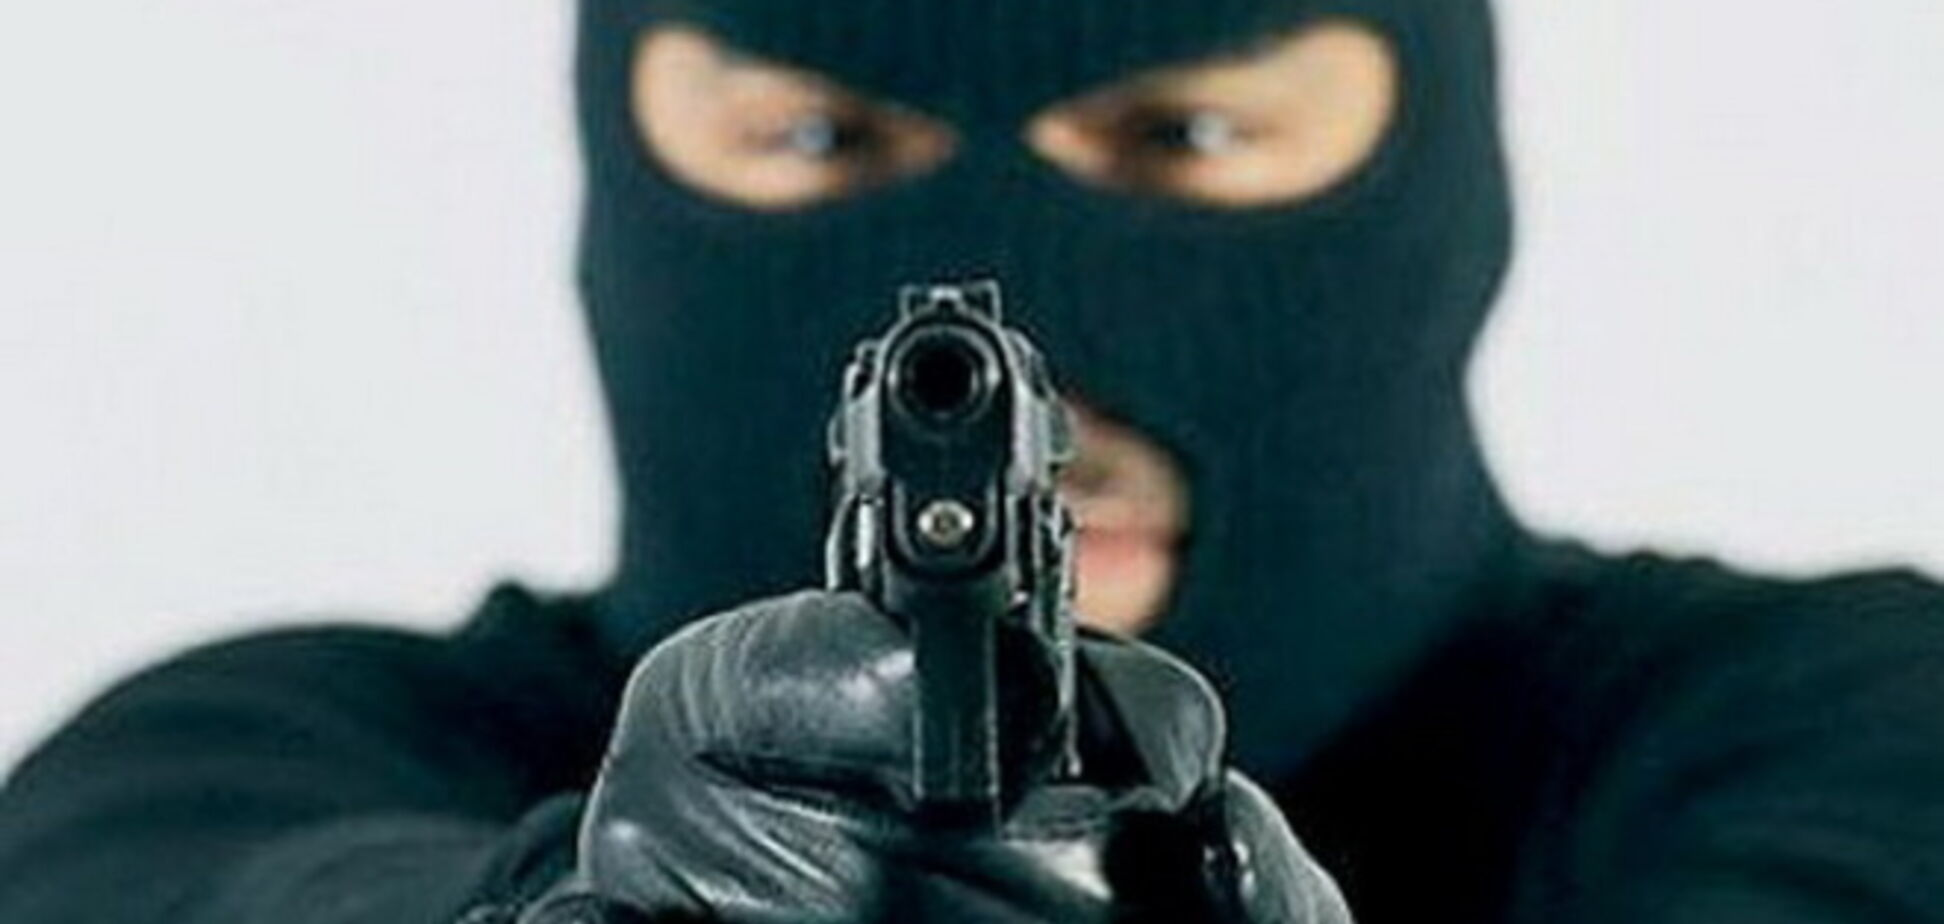 В Донецке грабят на миллионы: в милиции об этом узнают по почте